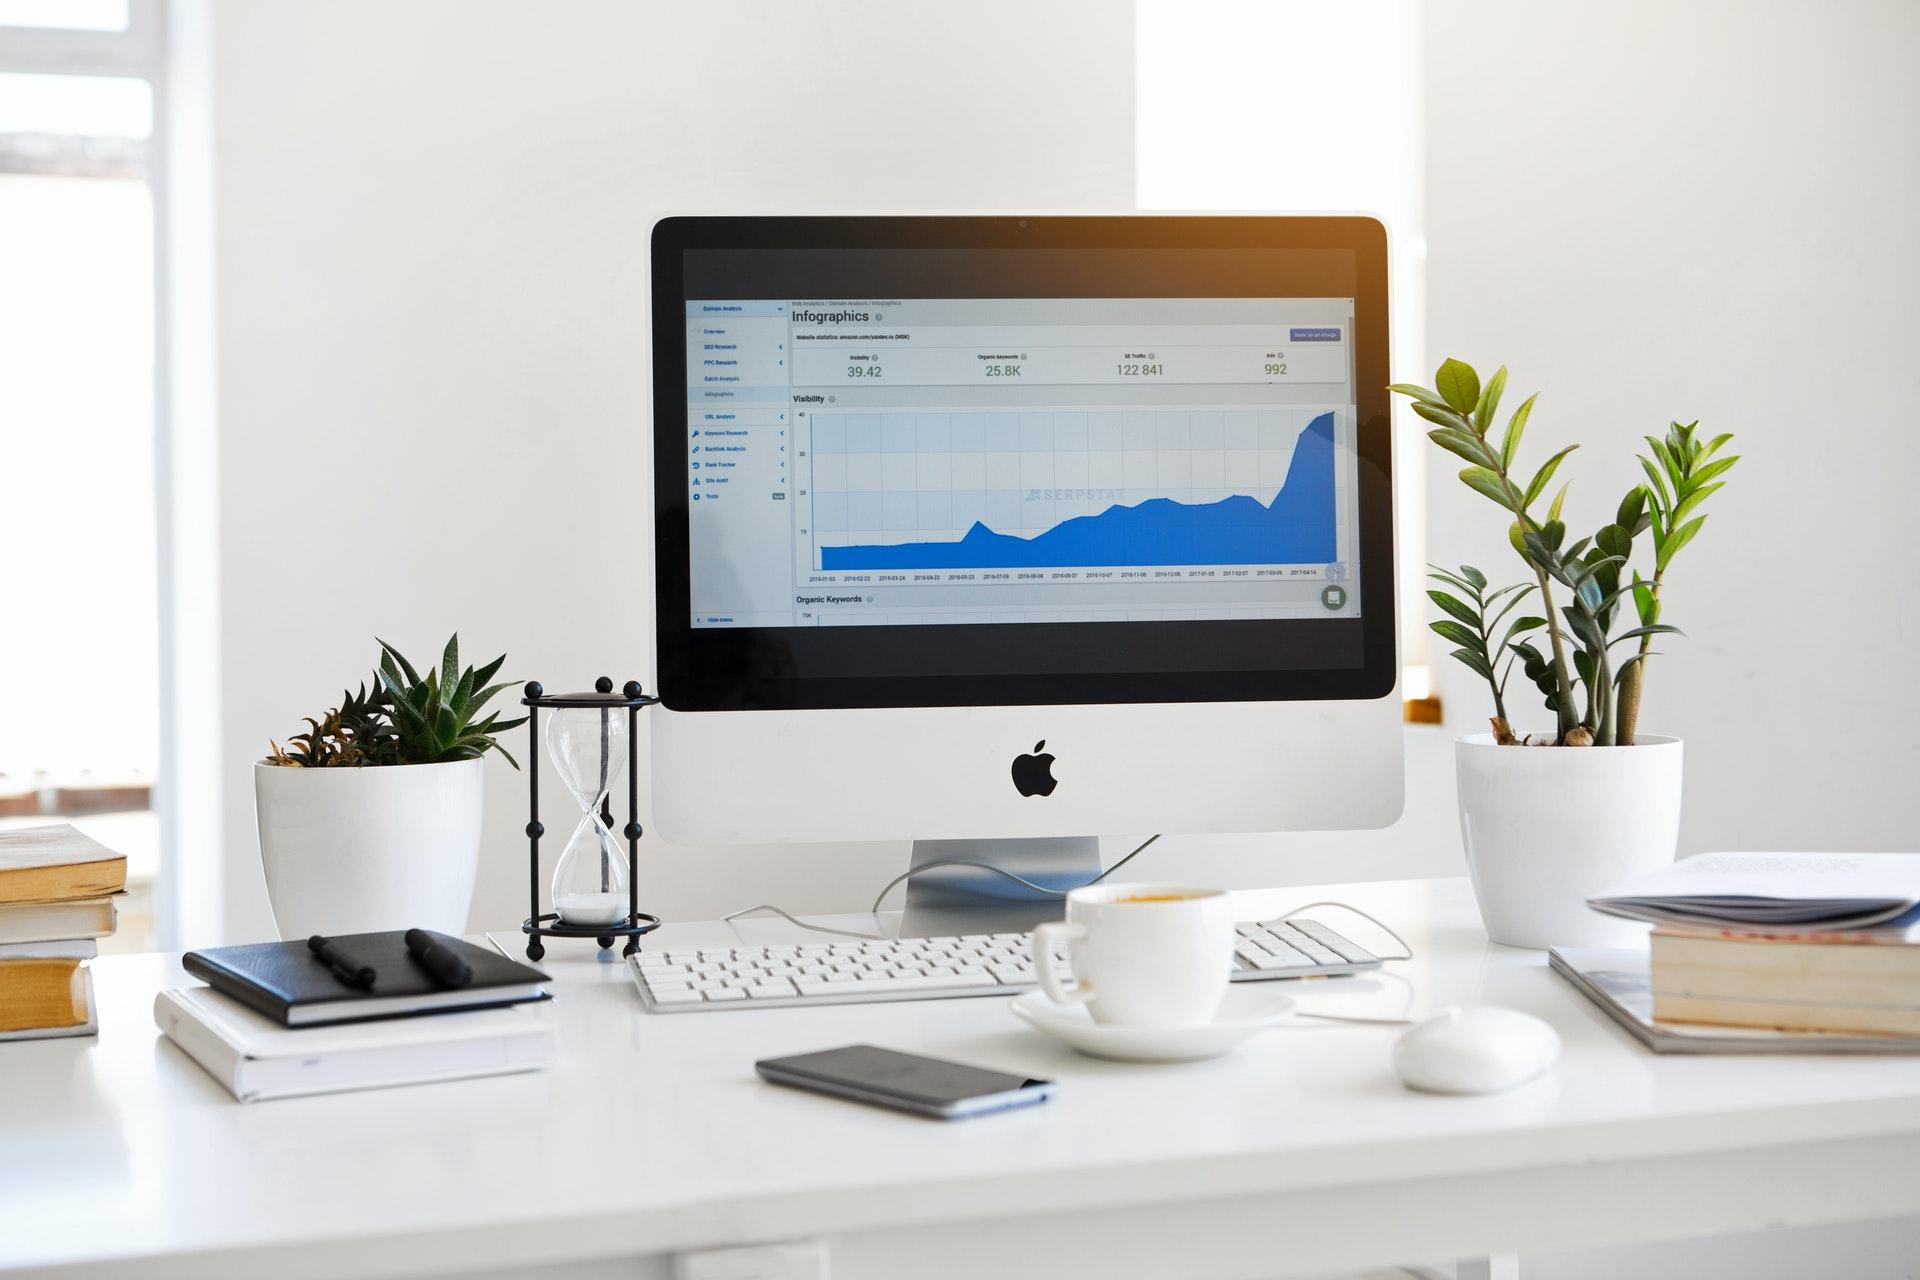 Jakie informacje na stronie są kluczowe dla klienta?